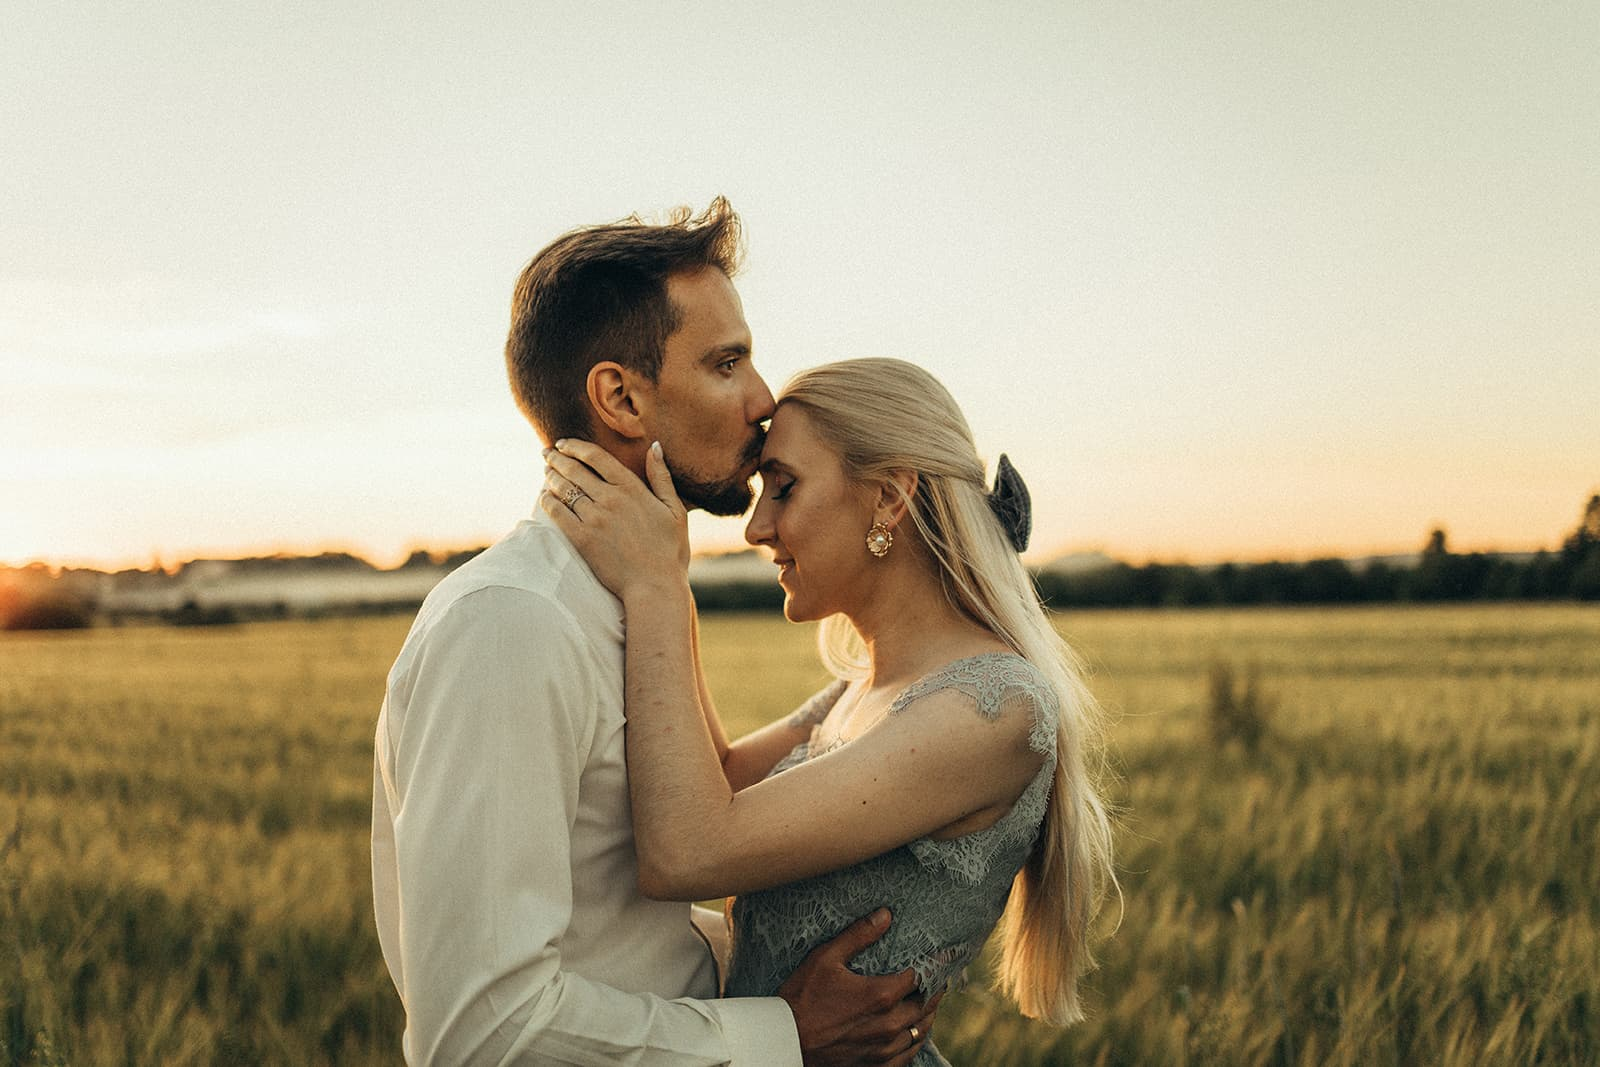 Ein Mann küsst eine Frau auf die Stirn, während er zusammen auf einem Feld steht